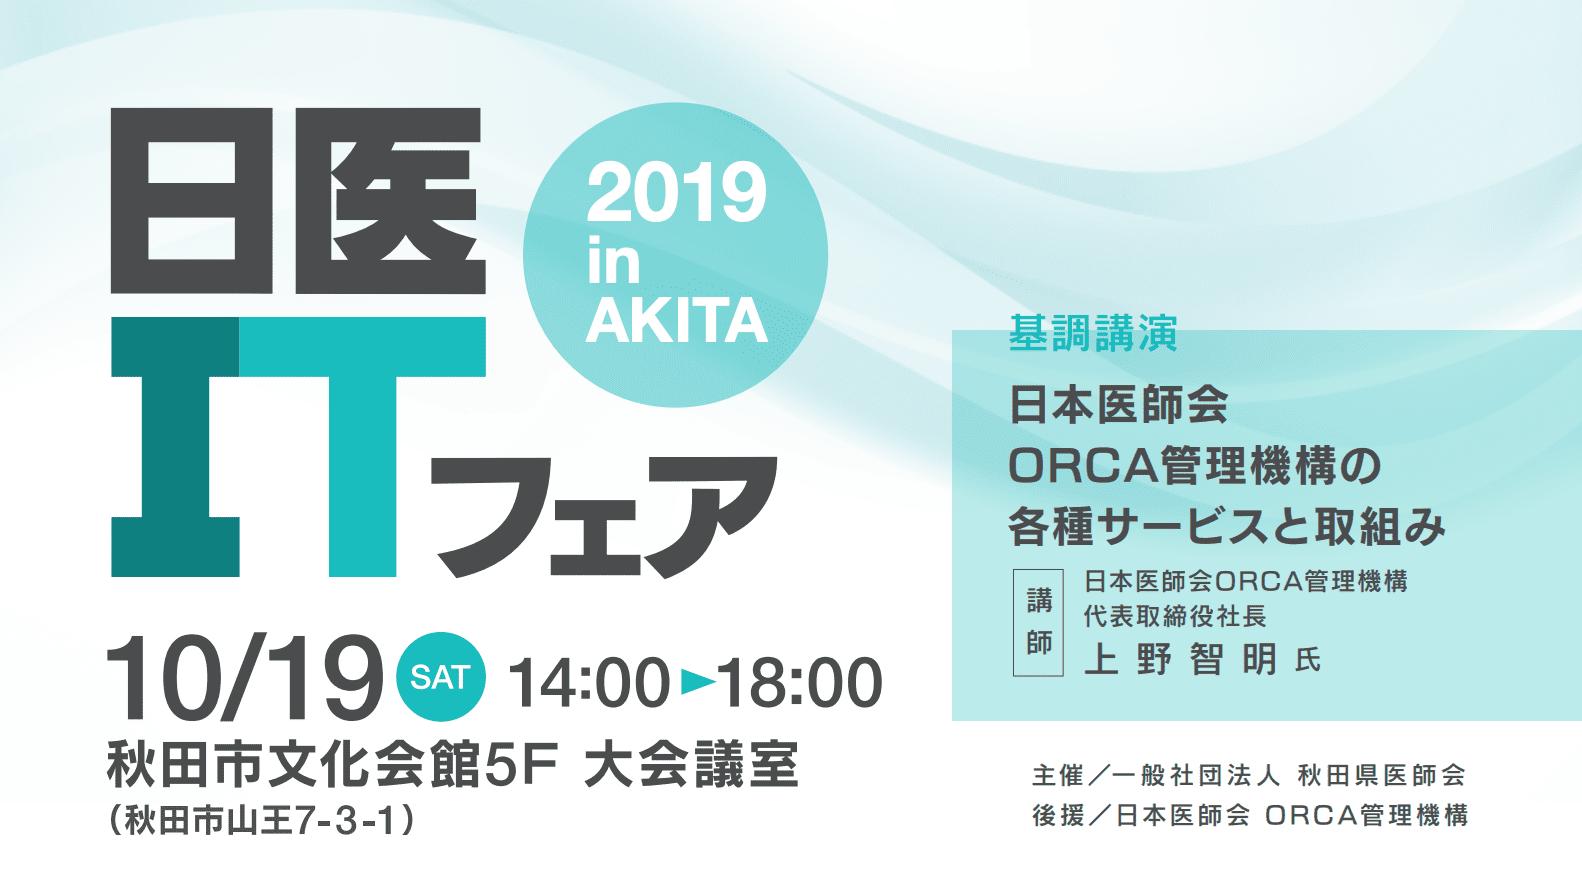 10月19日(土) 日医ITフェア2019 in AKITAにブース出展のお知らせ